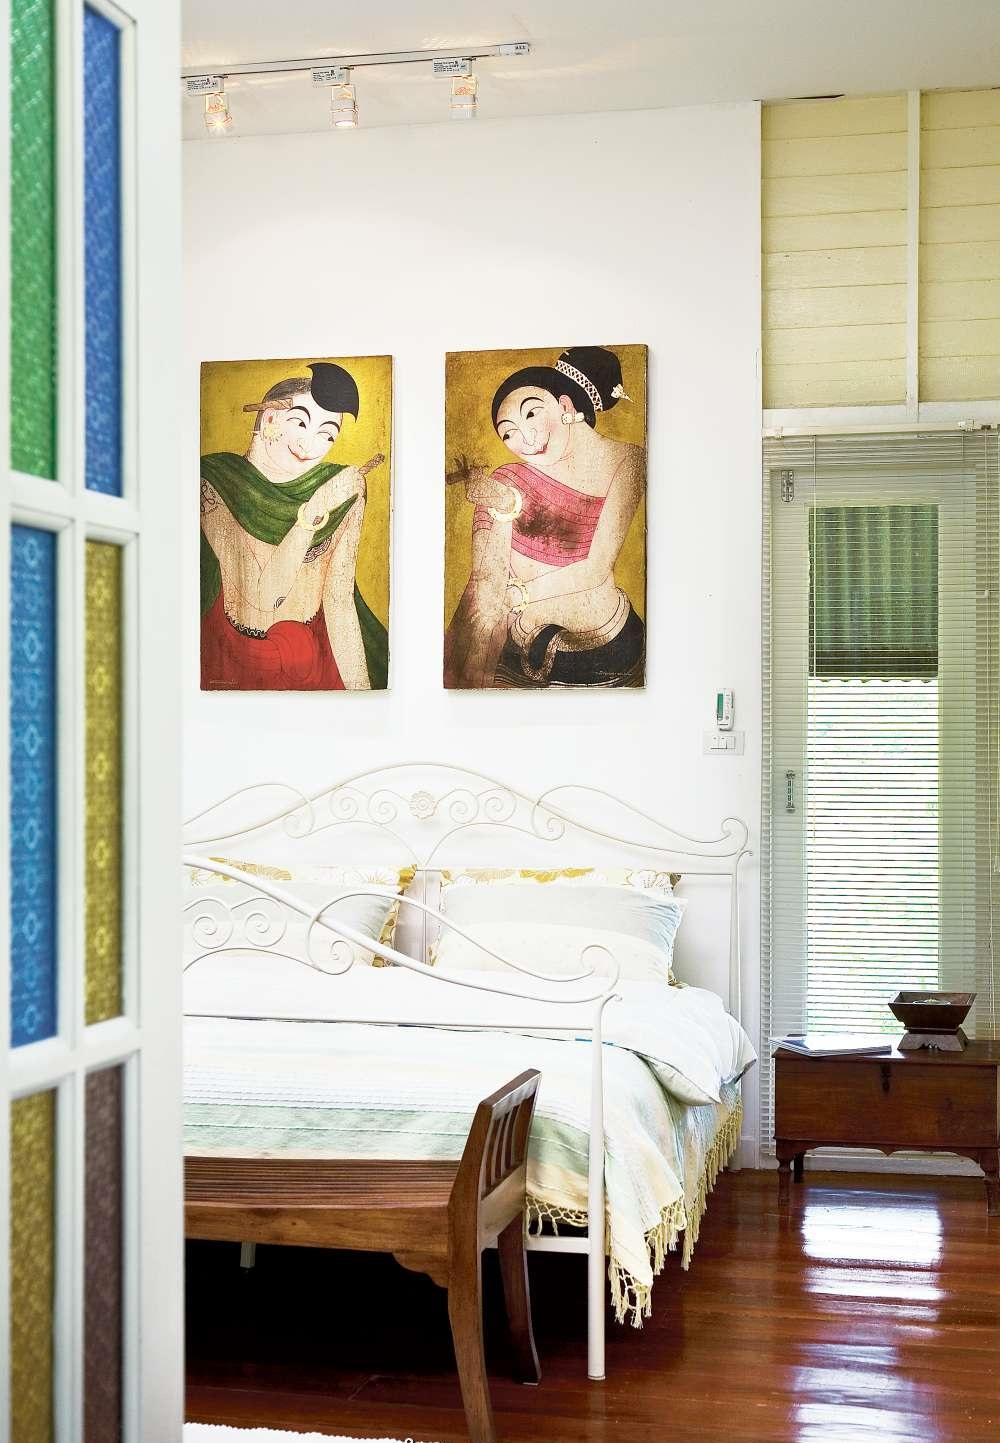 Nhà cấp 4 với thiết kế đẹp lãng mạn giữa cánh đồng lúa xanh tươi ở ngoại ô - Ảnh 7